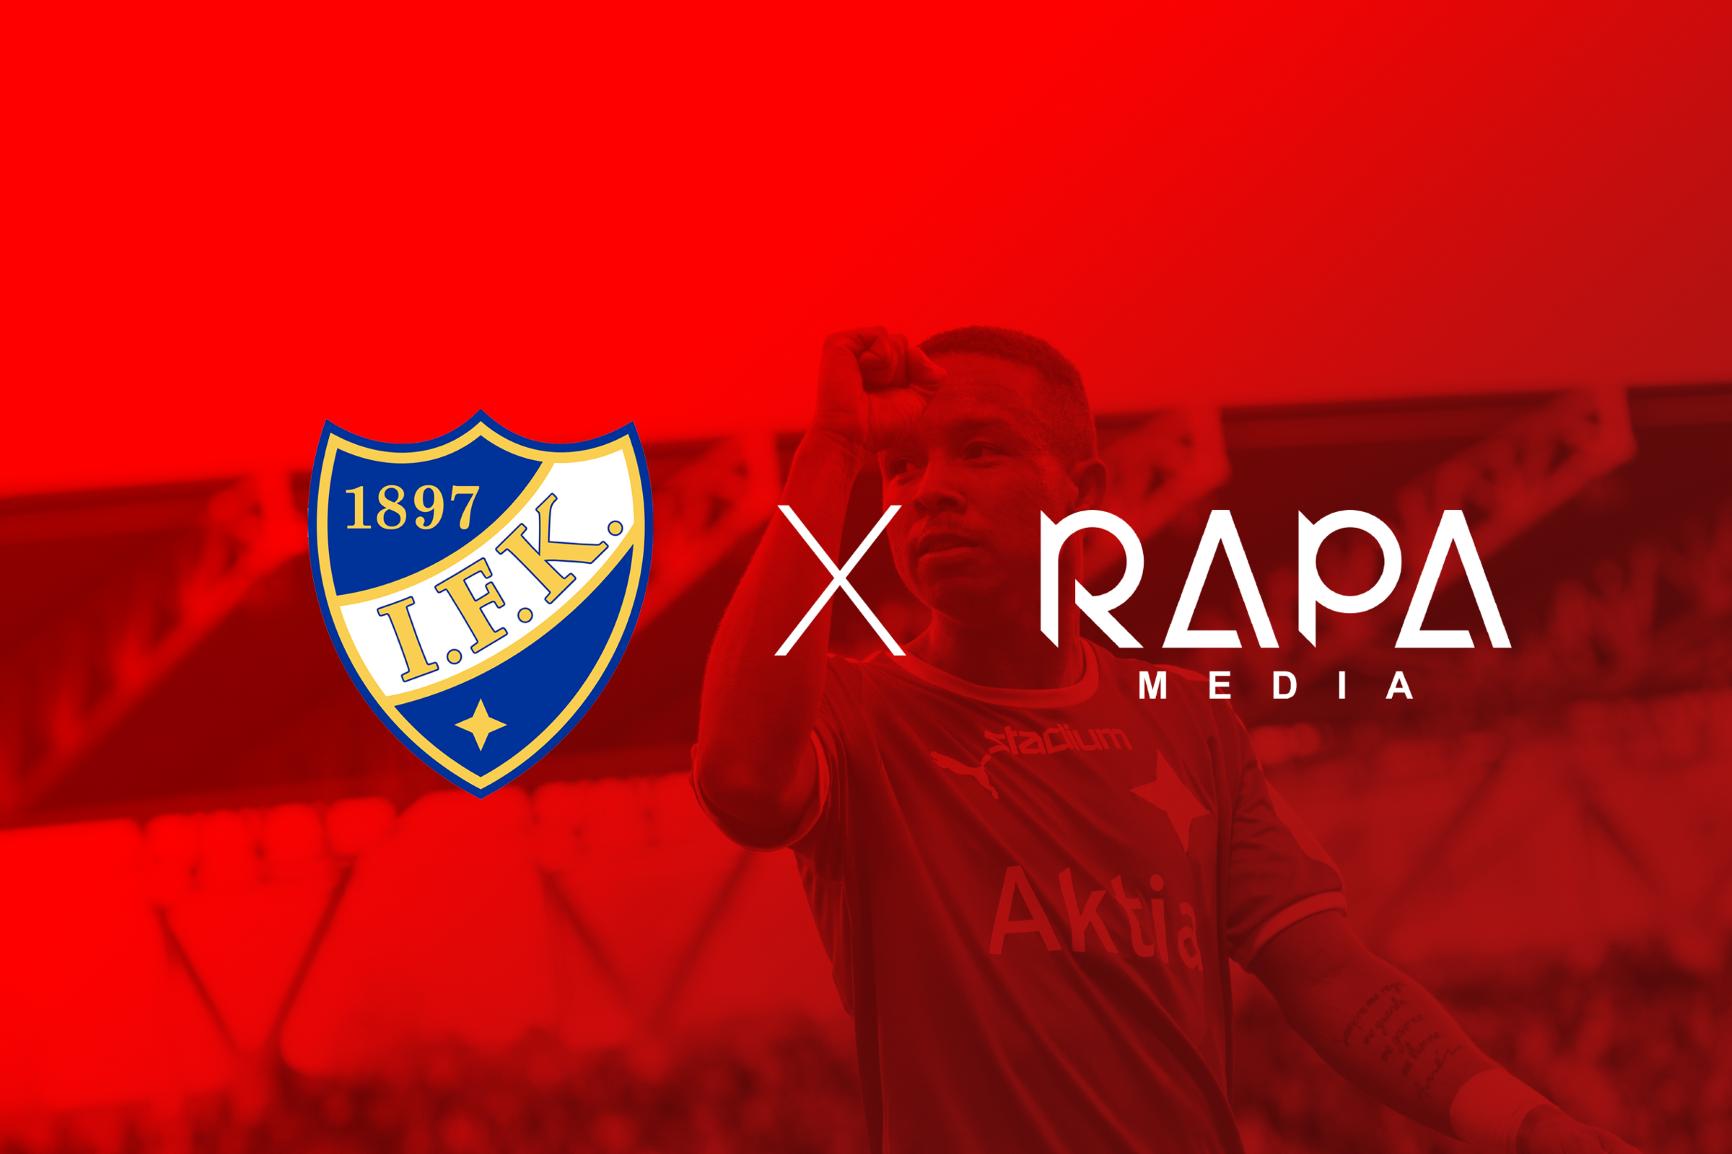 HIFK:s mediateam publicerat – samarbetet med Rapa Media inleds